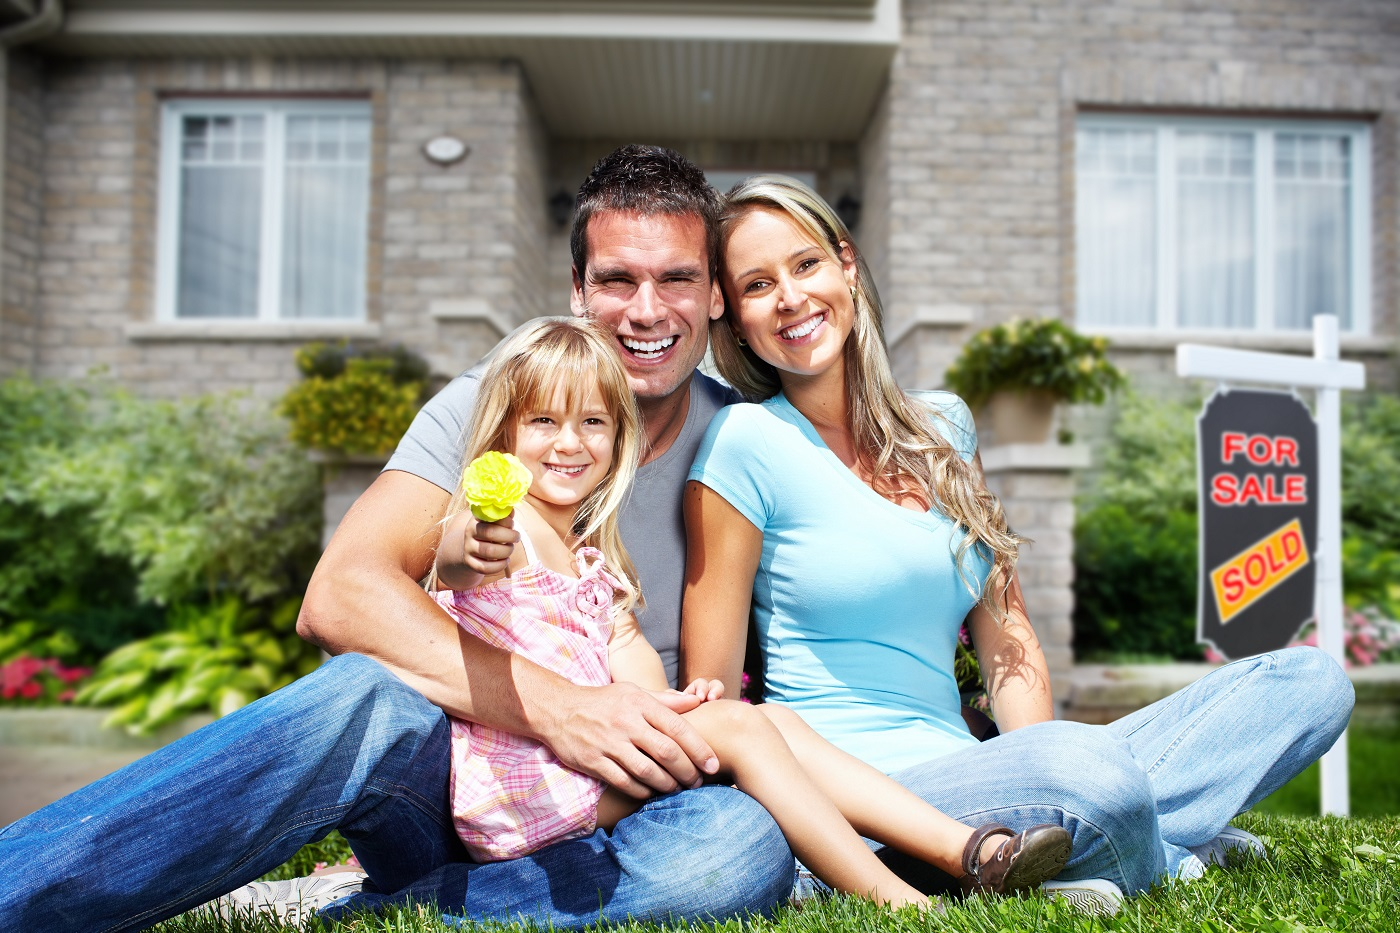 Fuja da casa própria: morar de aluguel é ótima alternativa para enriquecer